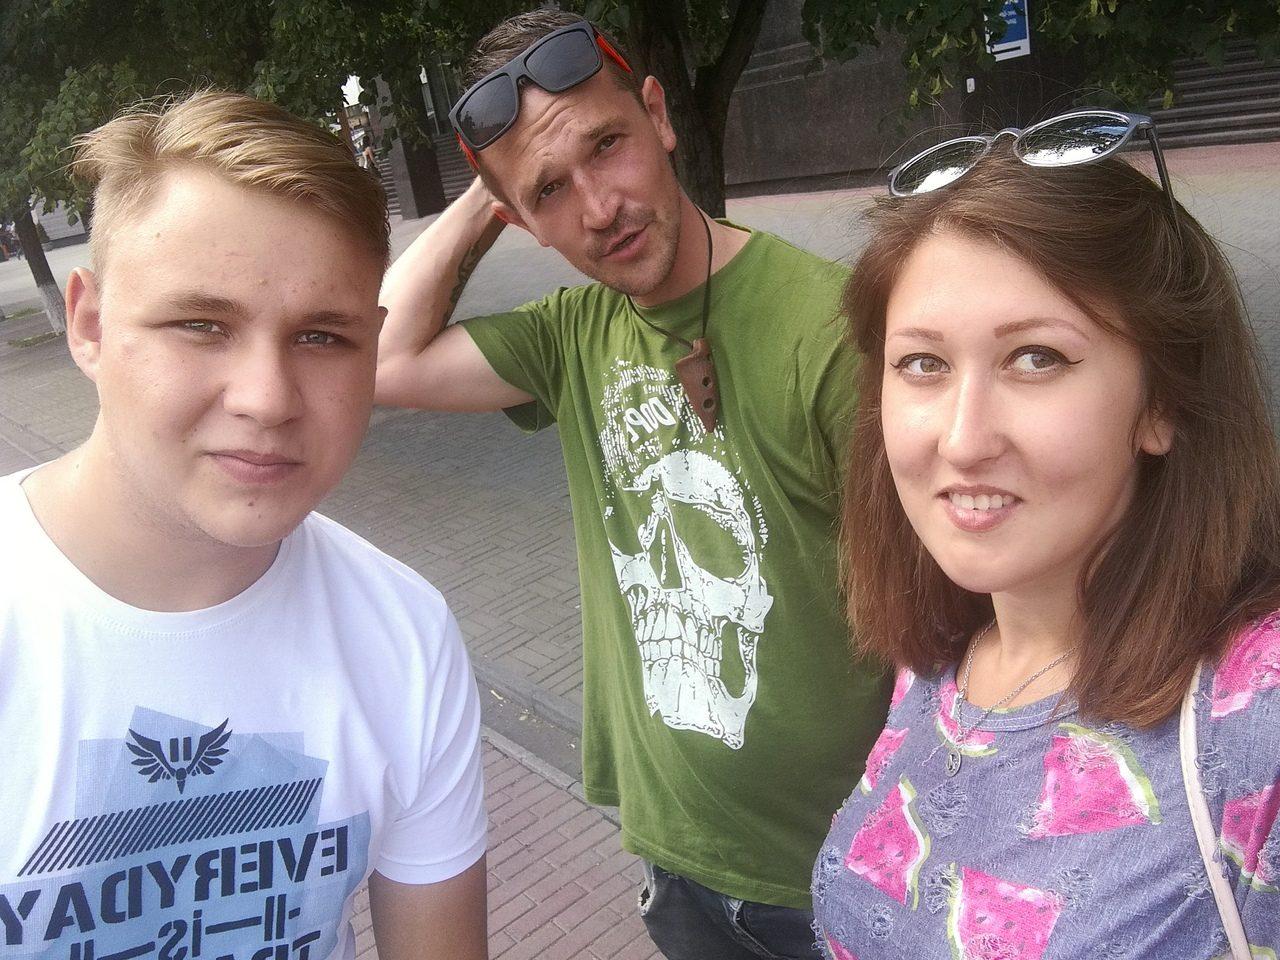 Двое биробиджанцев отправились в путешествие по России автостопом